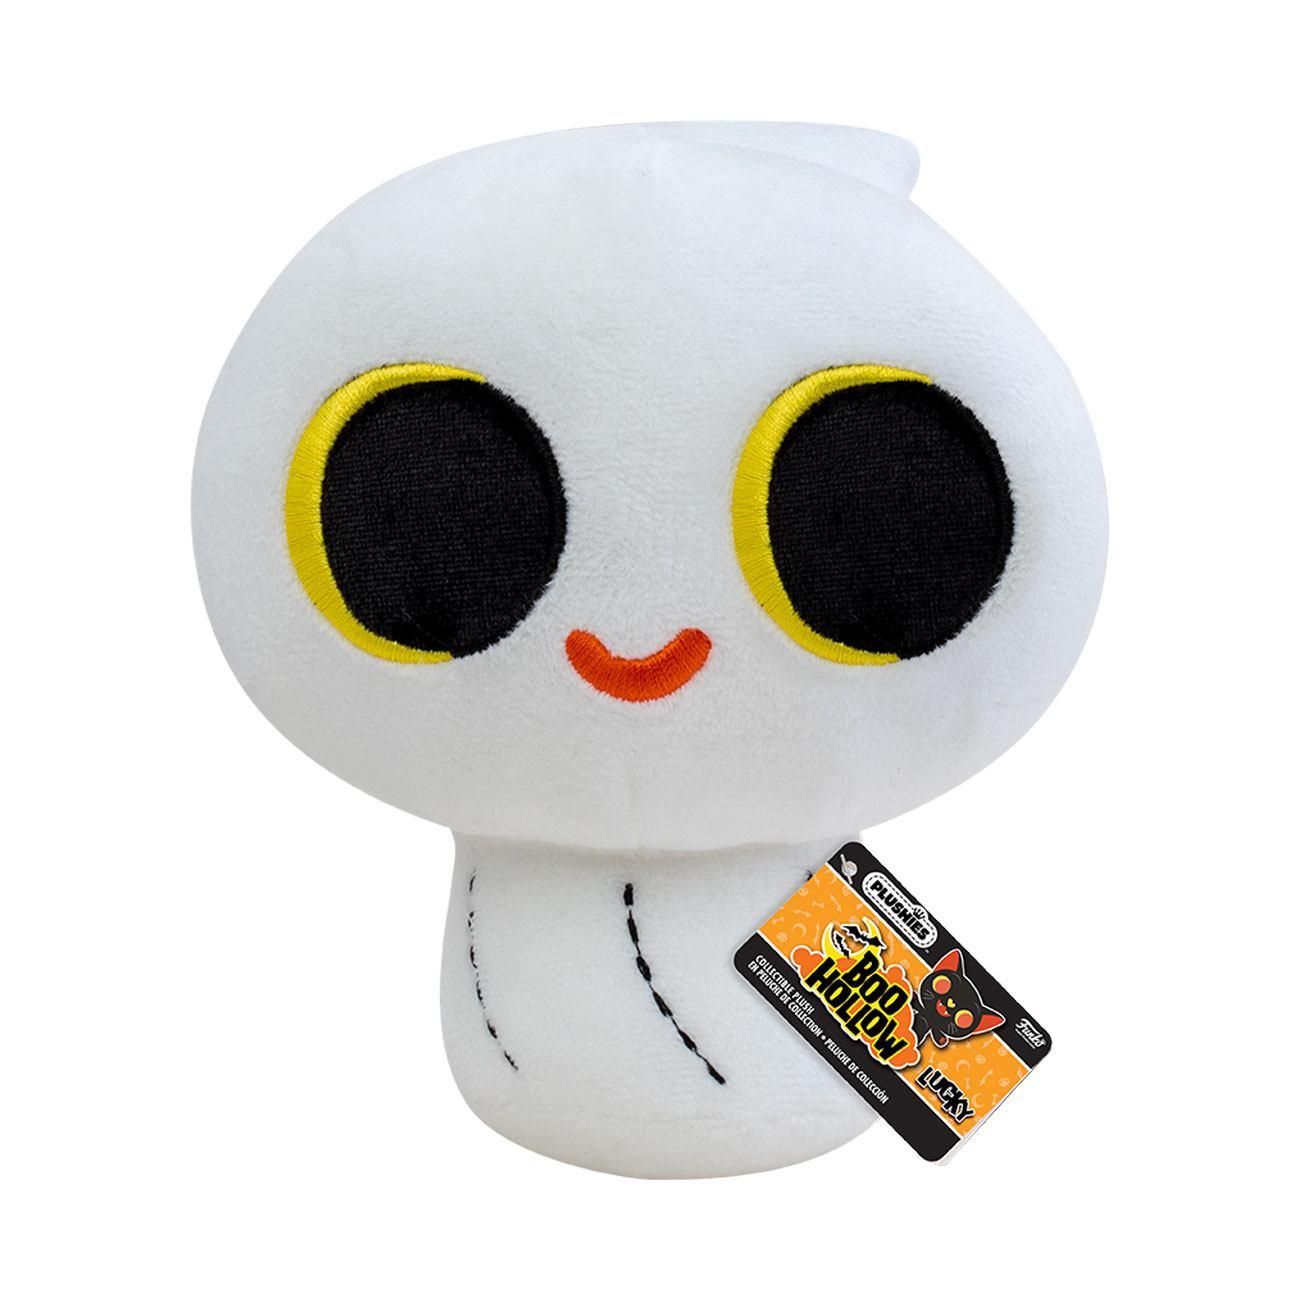 Boo Hollow Plush Figure Ori 18 cm